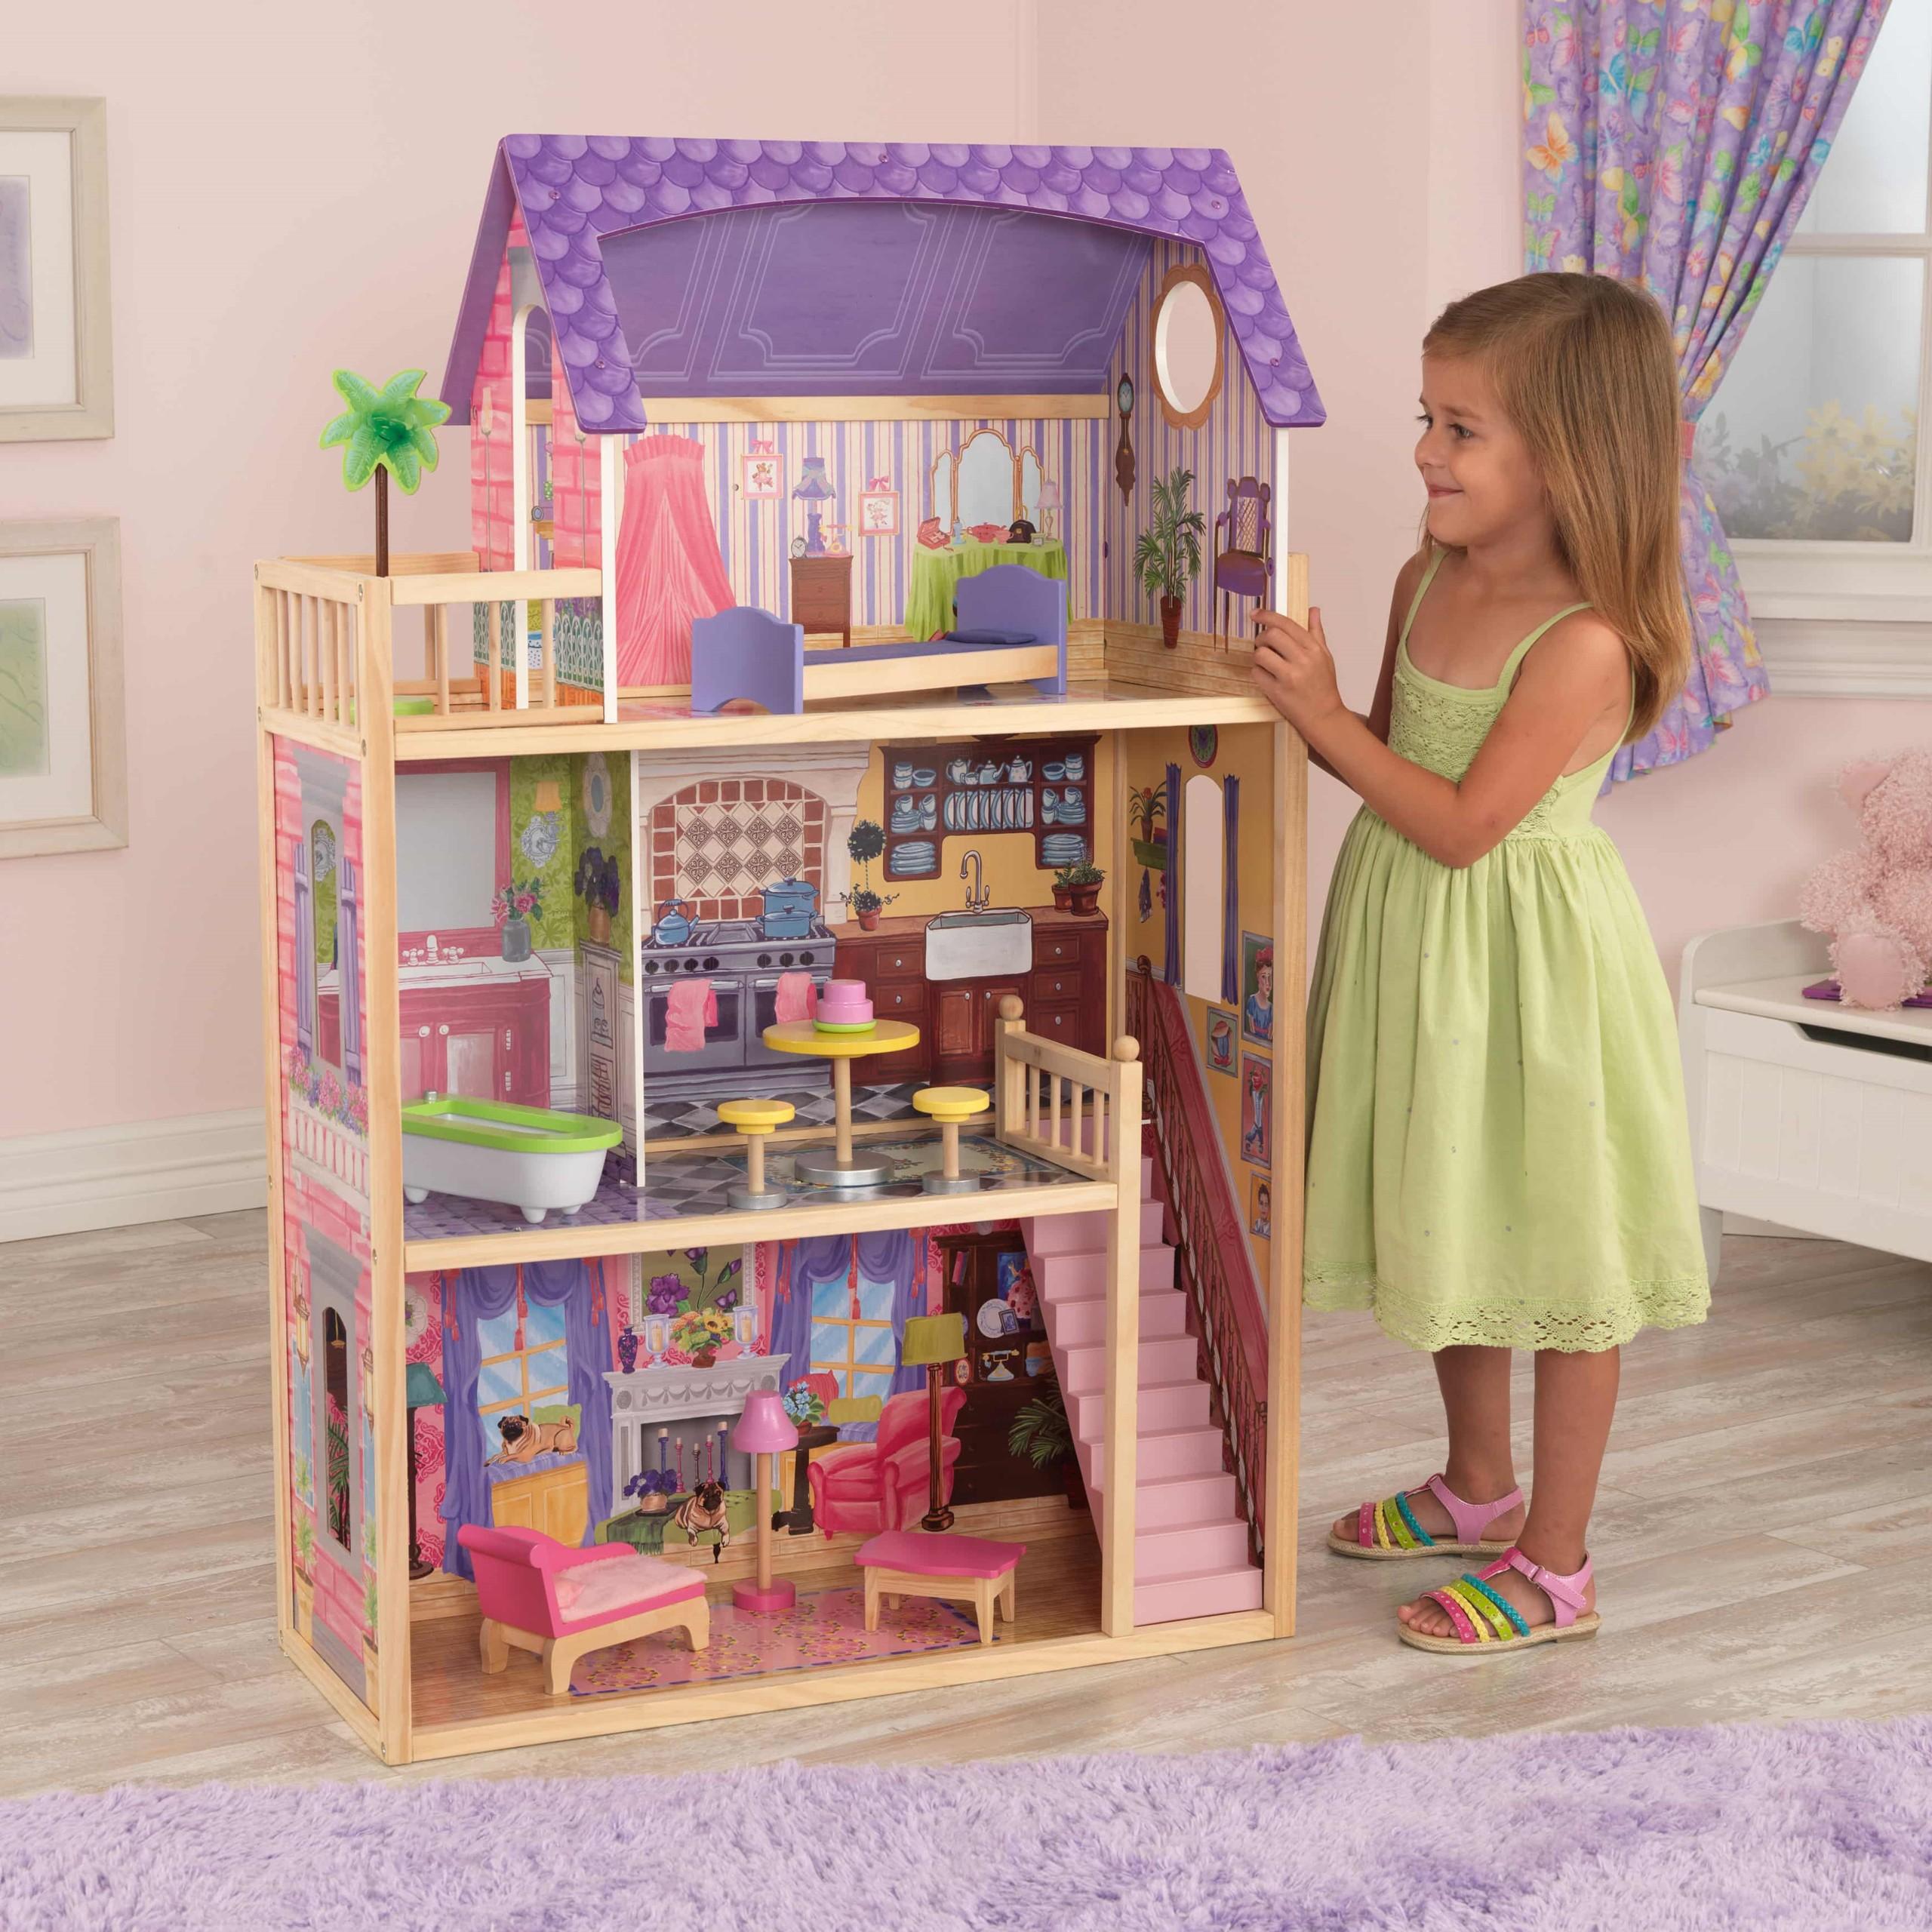 Къща за кукли от дърво – Кайла - Kidkraft дървени къщи за кукли(1)-bellamiestore